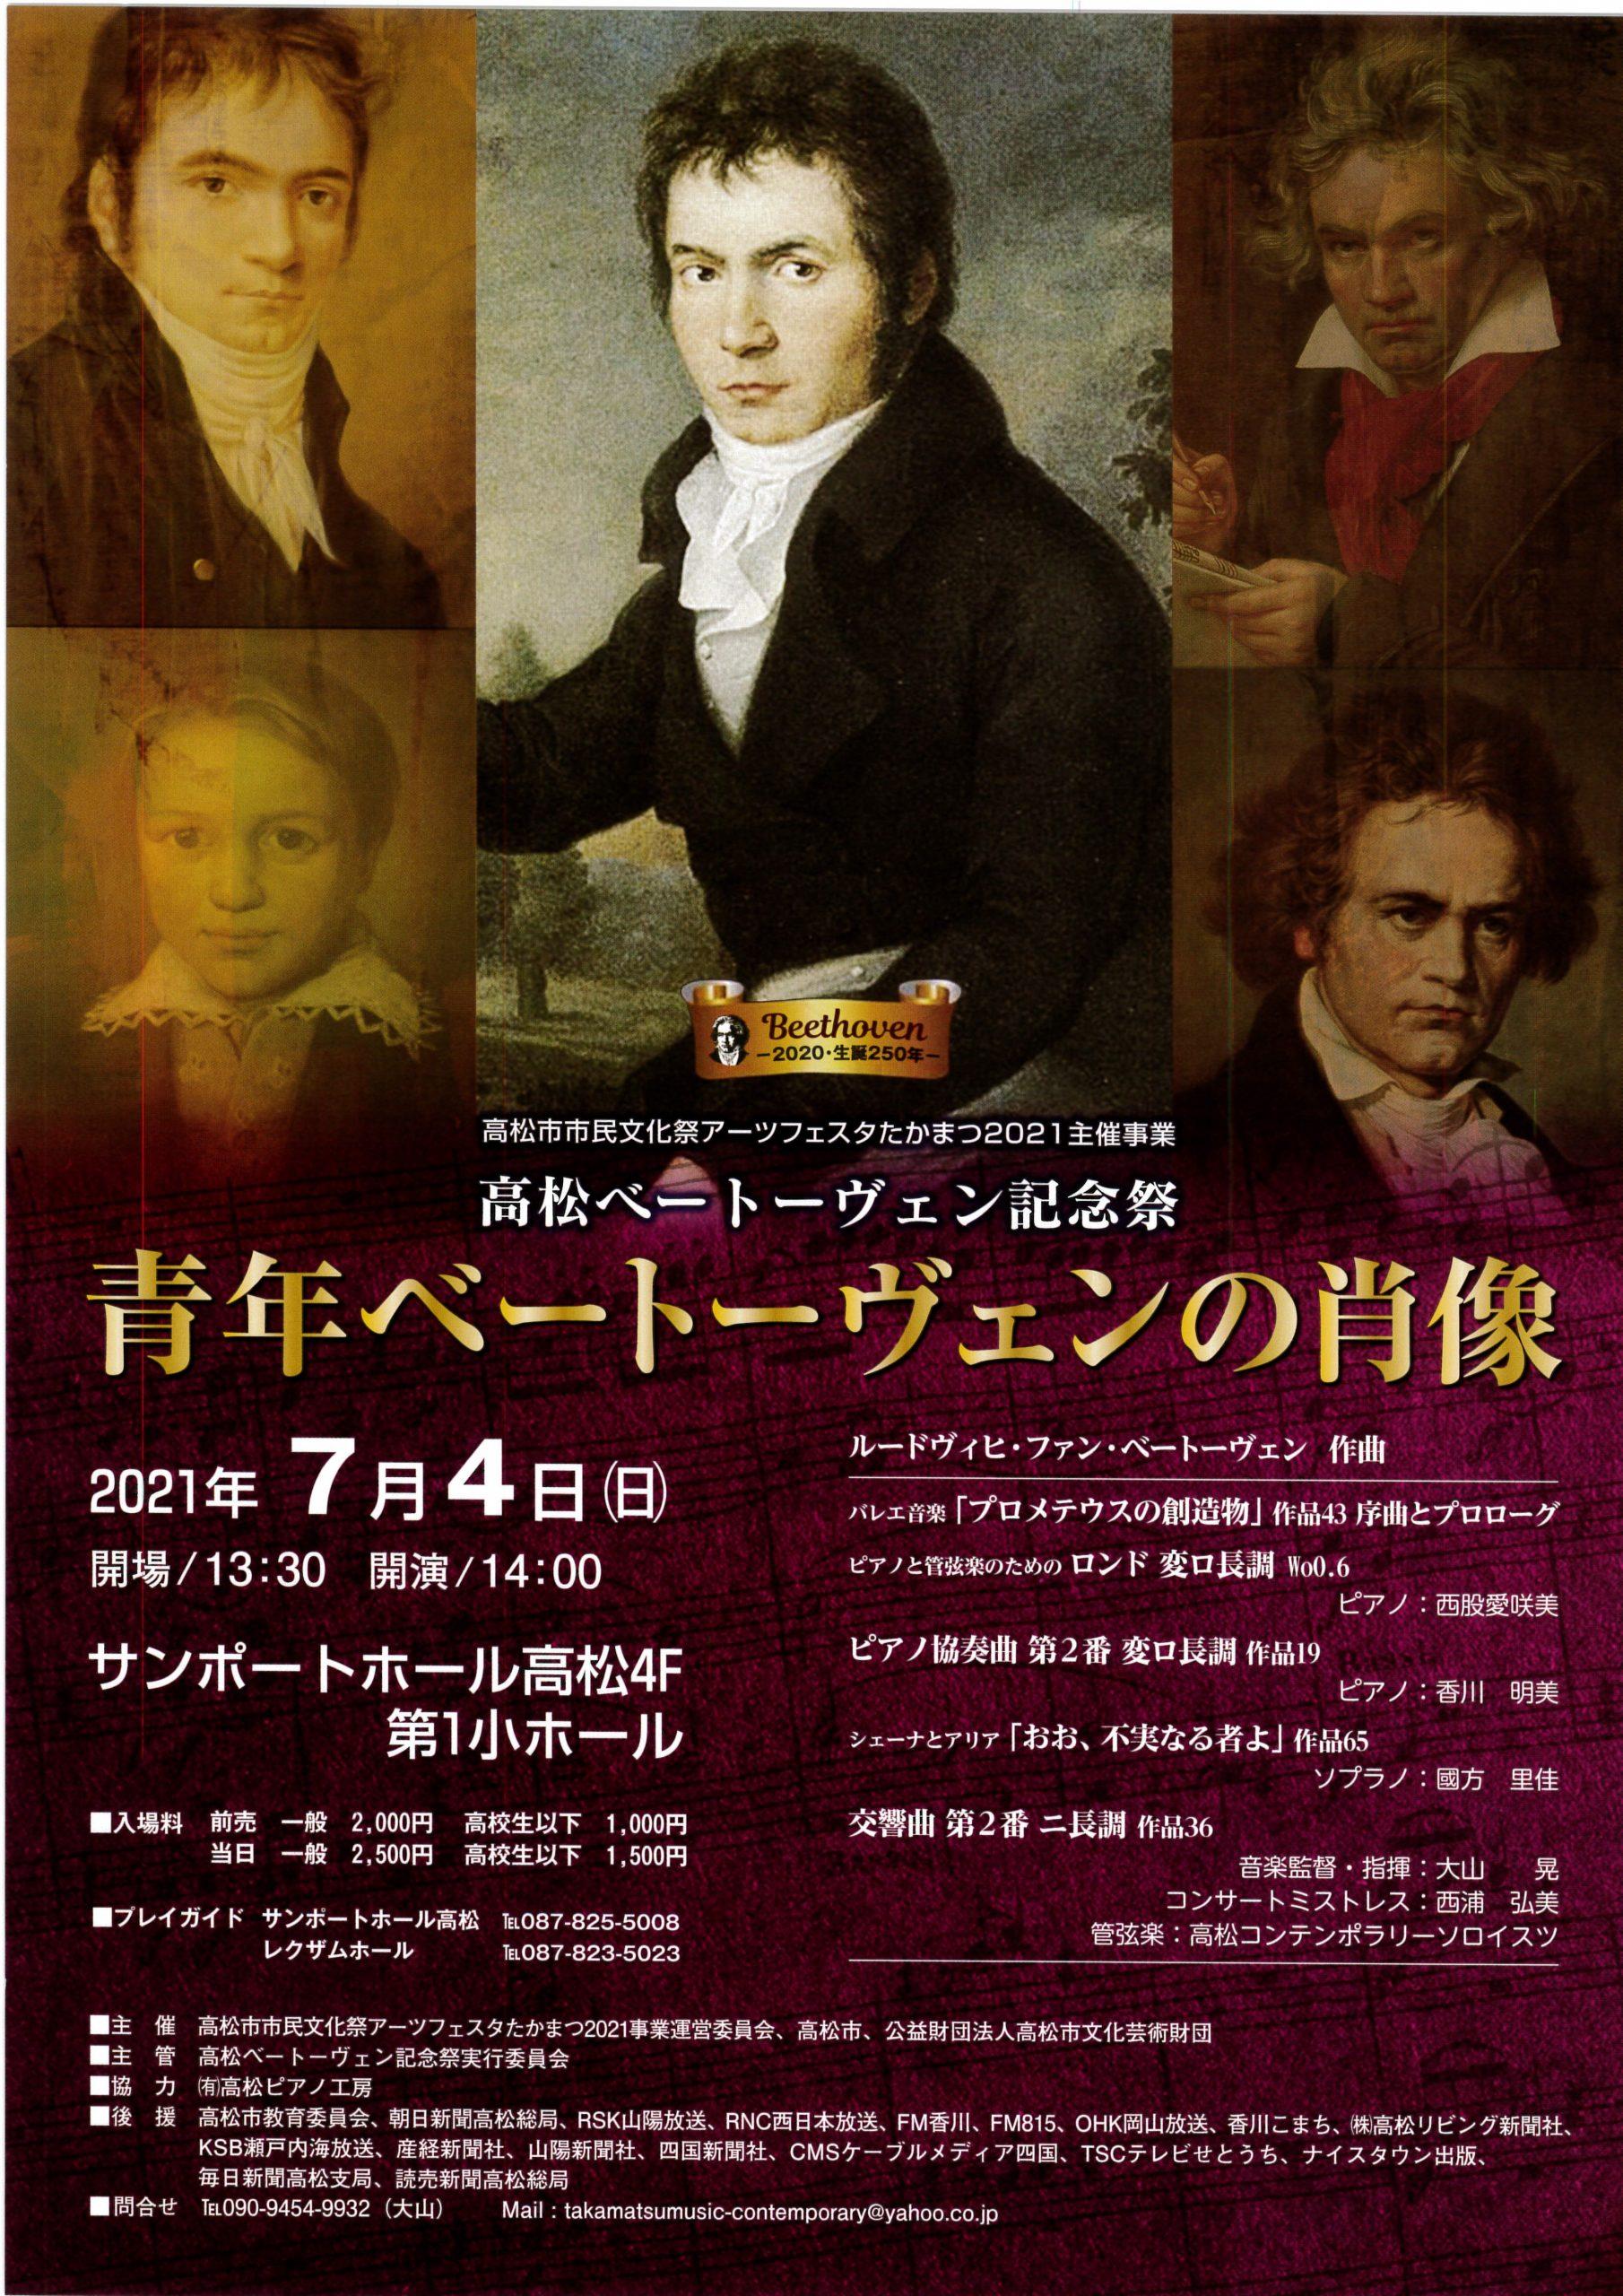 青年ベートーヴェンの肖像